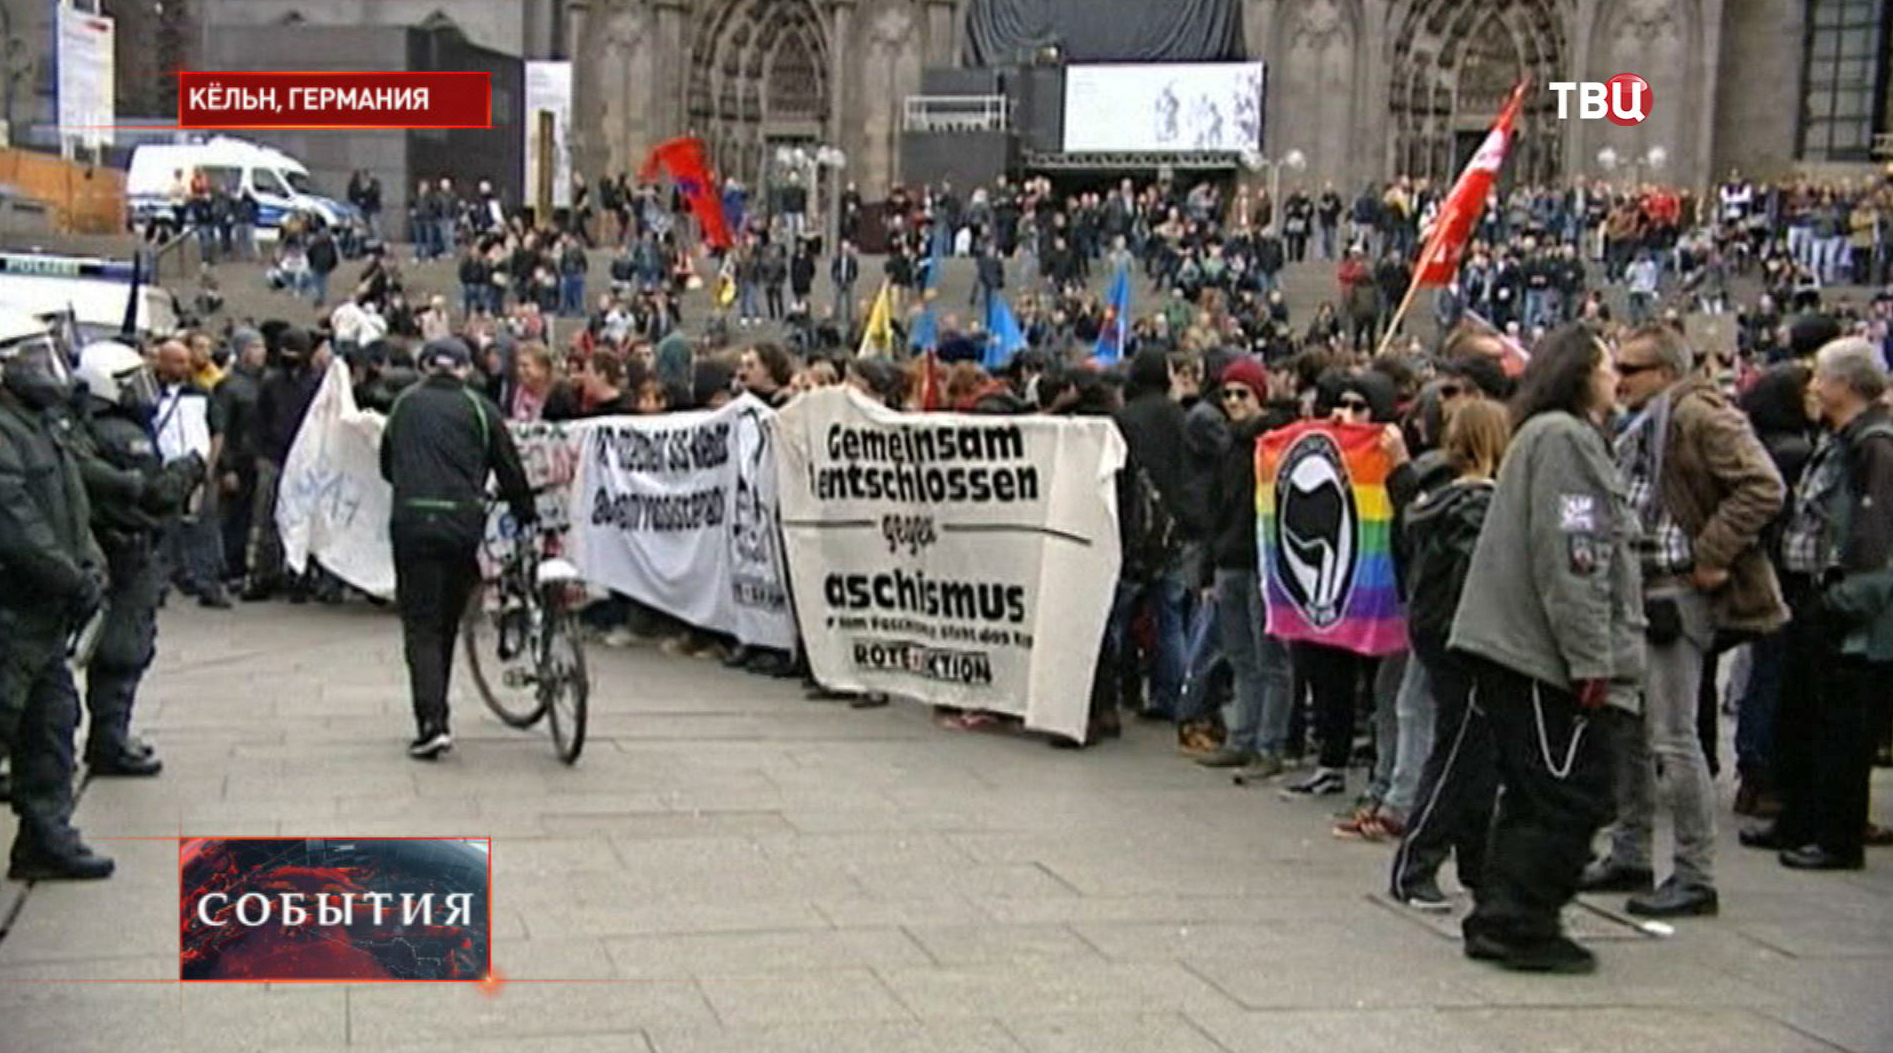 Беспорядки в Кёльне